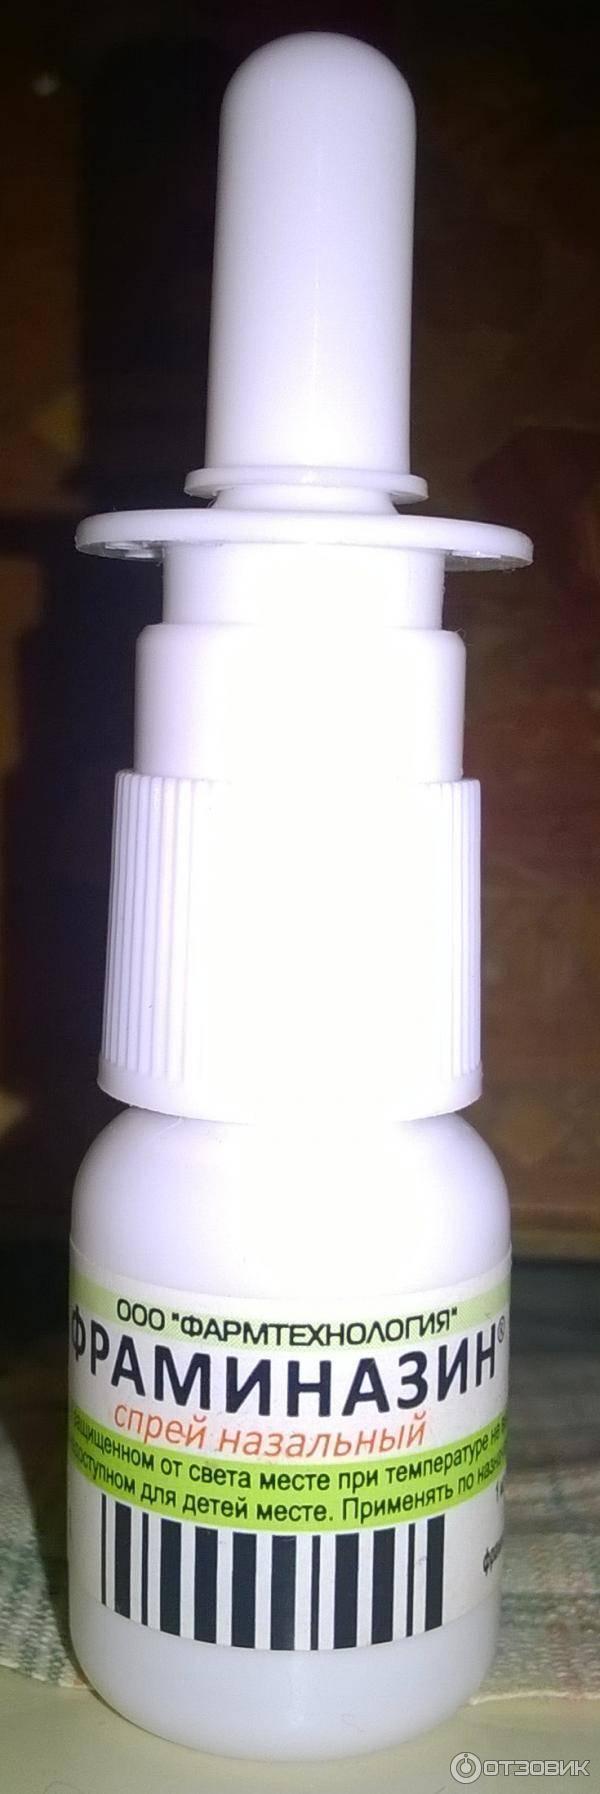 Эффективные спреи от гайморита - подбираем хорошие препараты